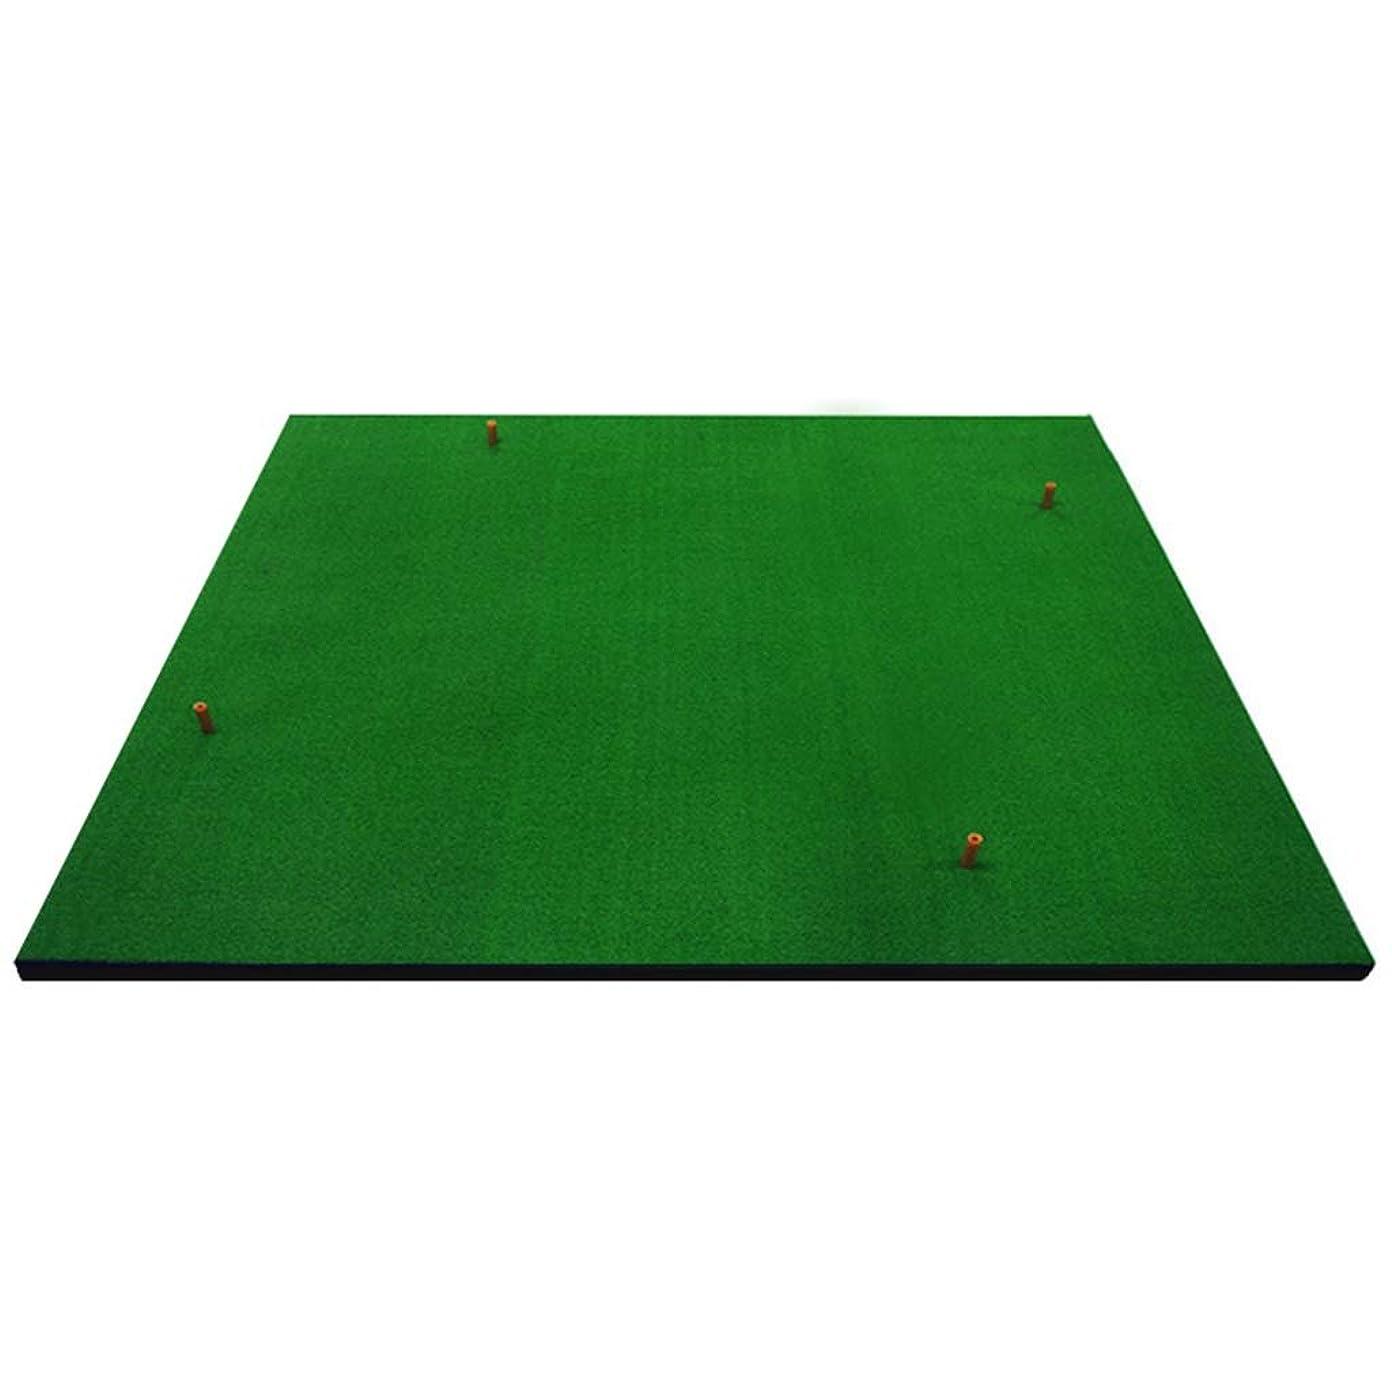 継続中お祝いサバント練習用品 厚手のゴルフマット、練習マットホルダーを打つ現実的な草マットを置くポータブルアウトドアスポーツゴルフトレーニングの芝生マット ショット用マット